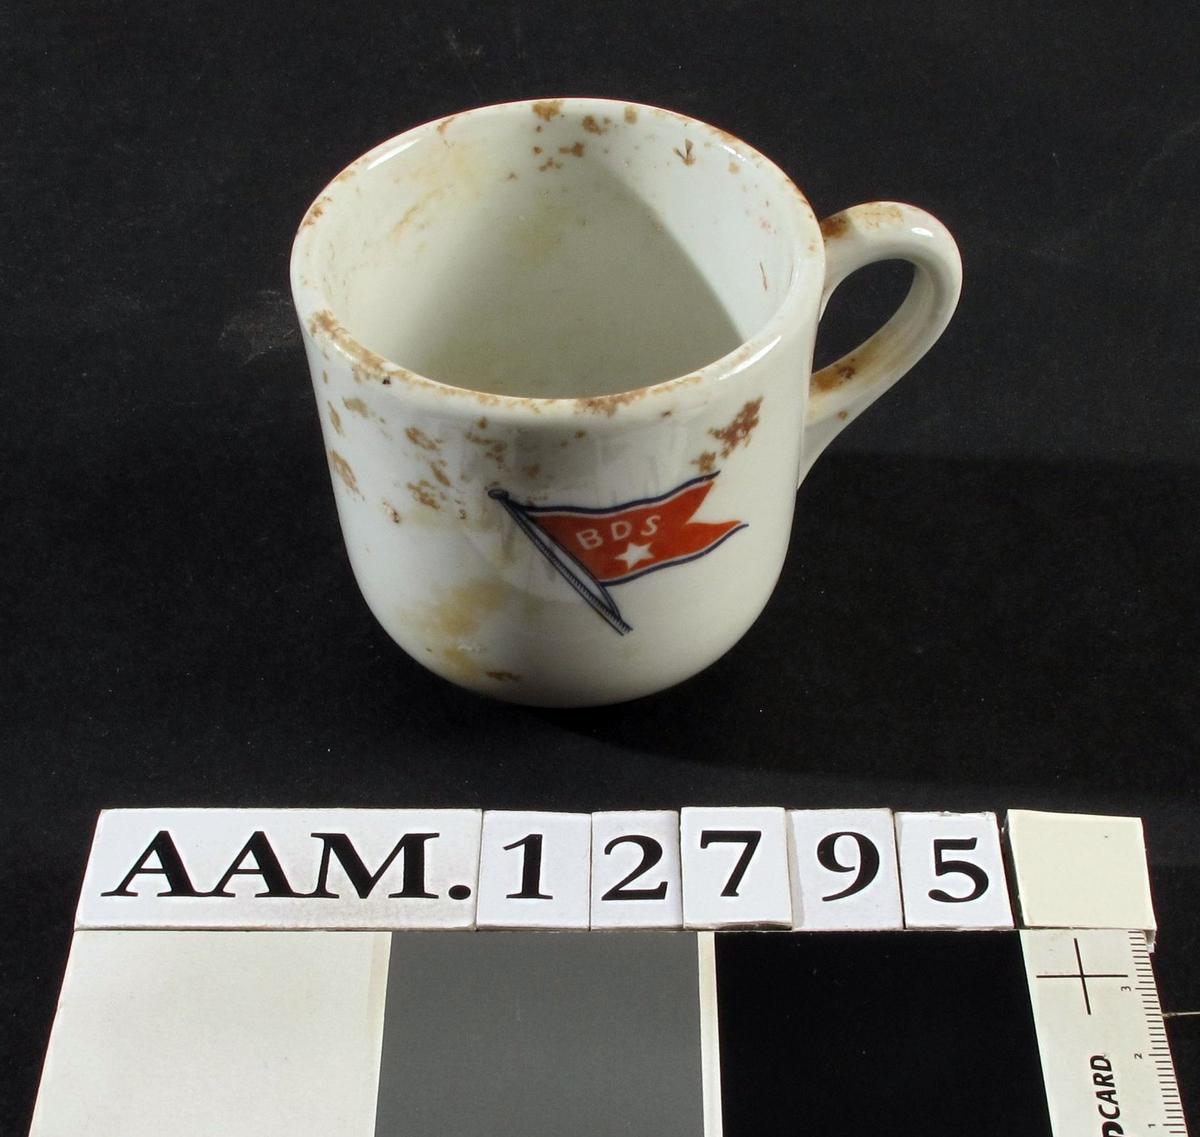 Kopp.  Porsgrunns porselenfabrikk, ca. 1930.  Antagelig fra D/S Neptun av Bergenske Dampskipsselskab, som gikk på grunn i Homborsund havn i 1941.  Båten var bygget i 1930.  Porselen.  Rettsidet kopp av tykt porselen med rund hank. Smal bunnring.  På siden BDS-flagg med stjerne i rødt.  Jernring i hanken for oppheng.  Samme som AAM.12796